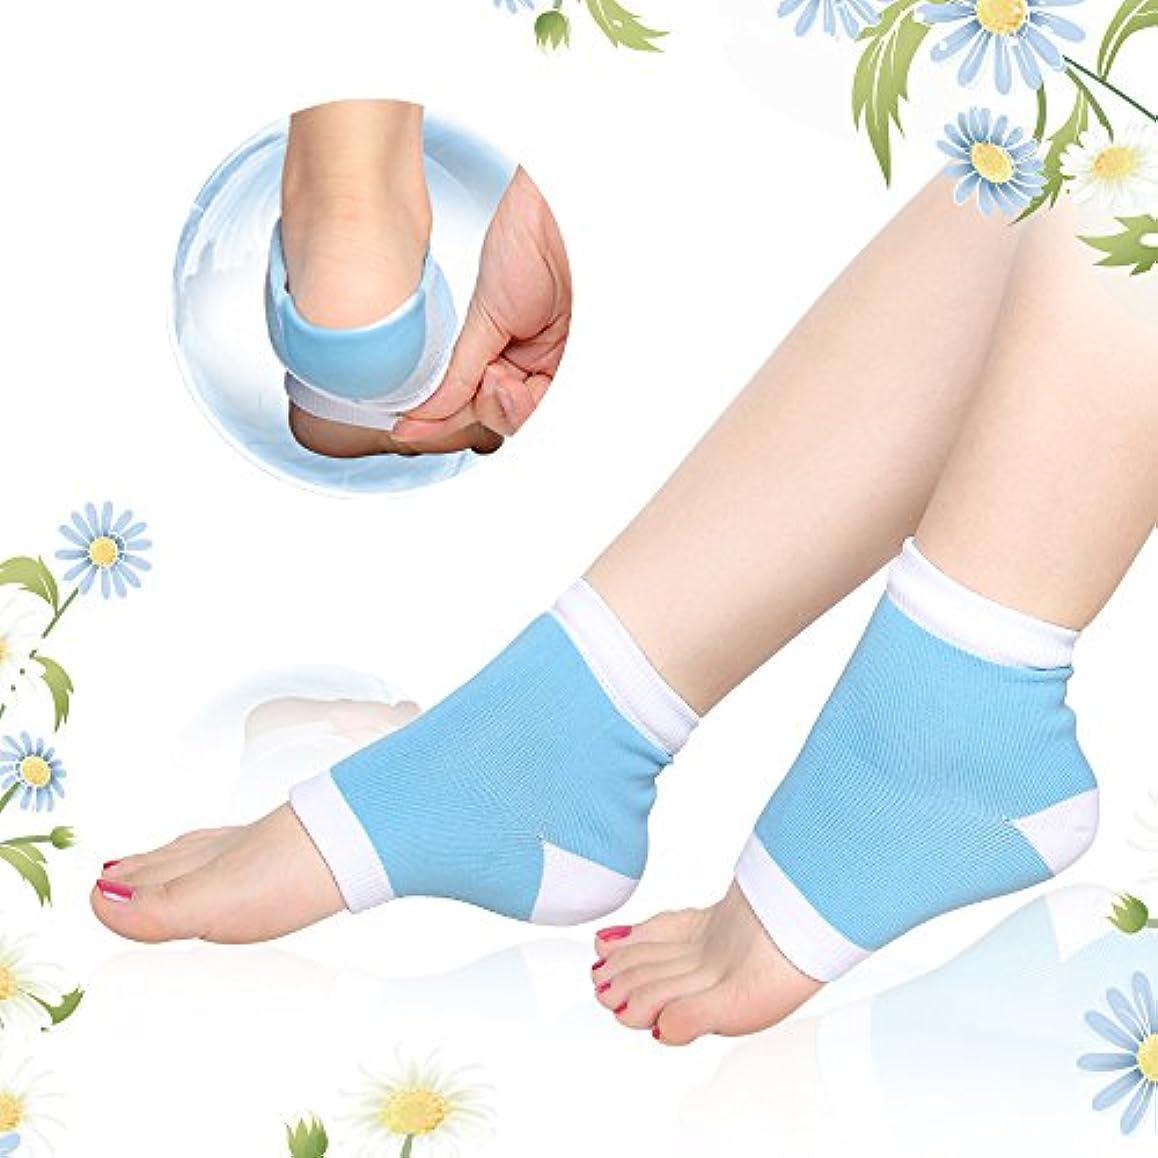 ステップ拒絶する扇動かかとケア 靴下, ひび/角質ケア 保湿 ソックス うるおい 足首用サポーター フットケア グッズ ヨガソックス 左右セット フリーサイズ By Dr.Orem